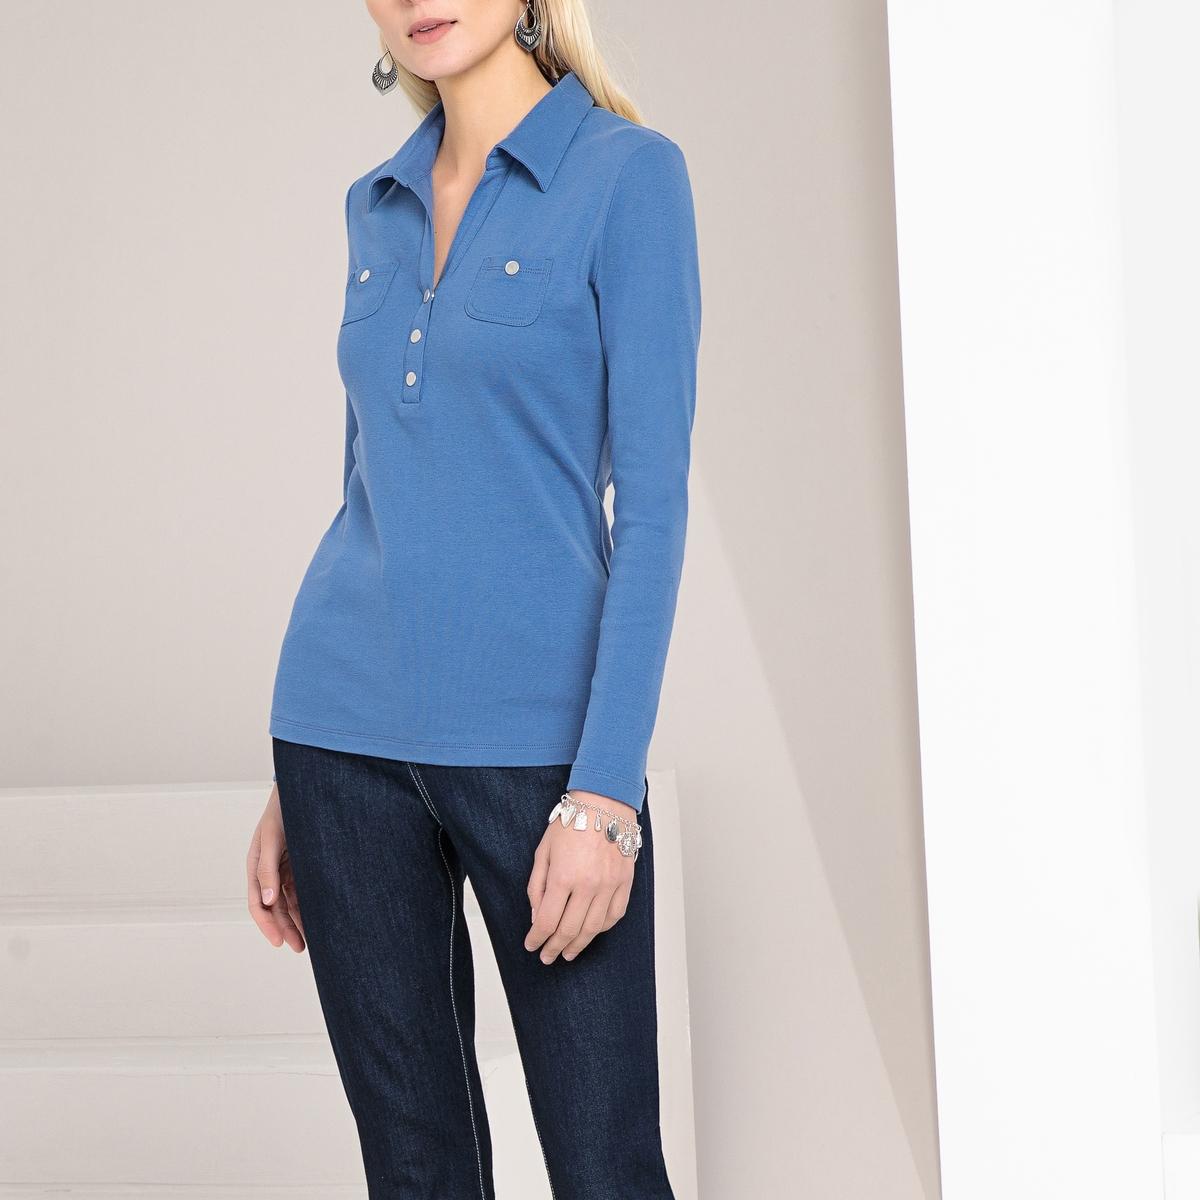 Imagen principal de producto de Camiseta con cuello polo, 100% algodón peinado - Anne weyburn